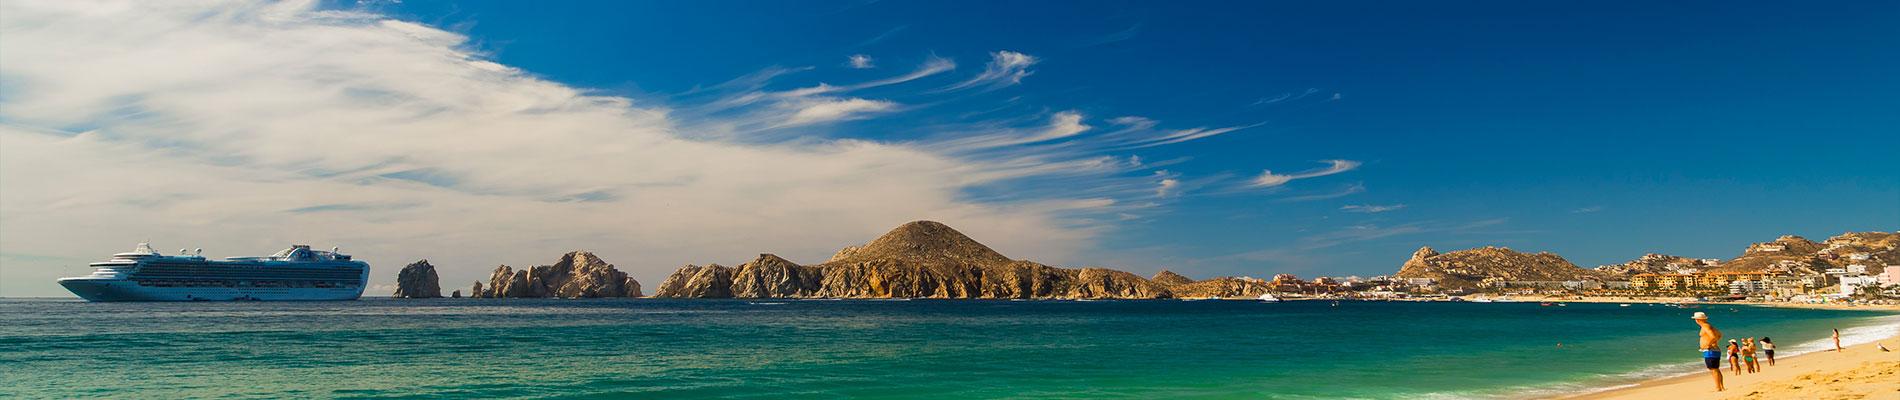 Voyage Basse Californie